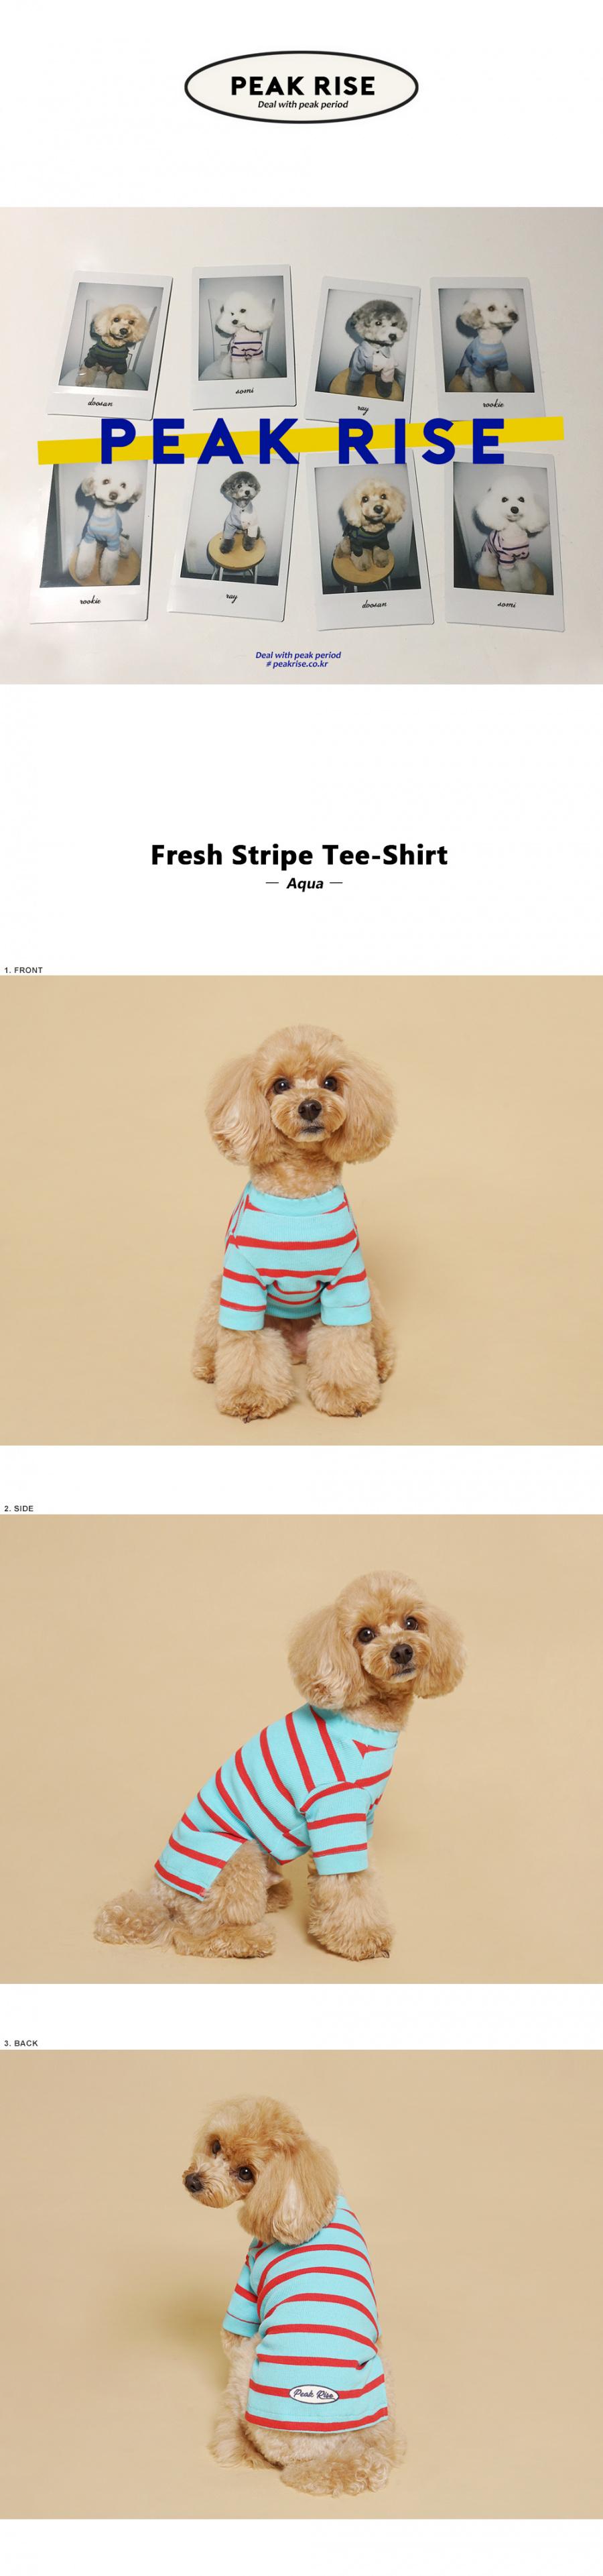 피크라이즈(PEAK RISE) Fresh Stripe Tee-Shirt Aqua